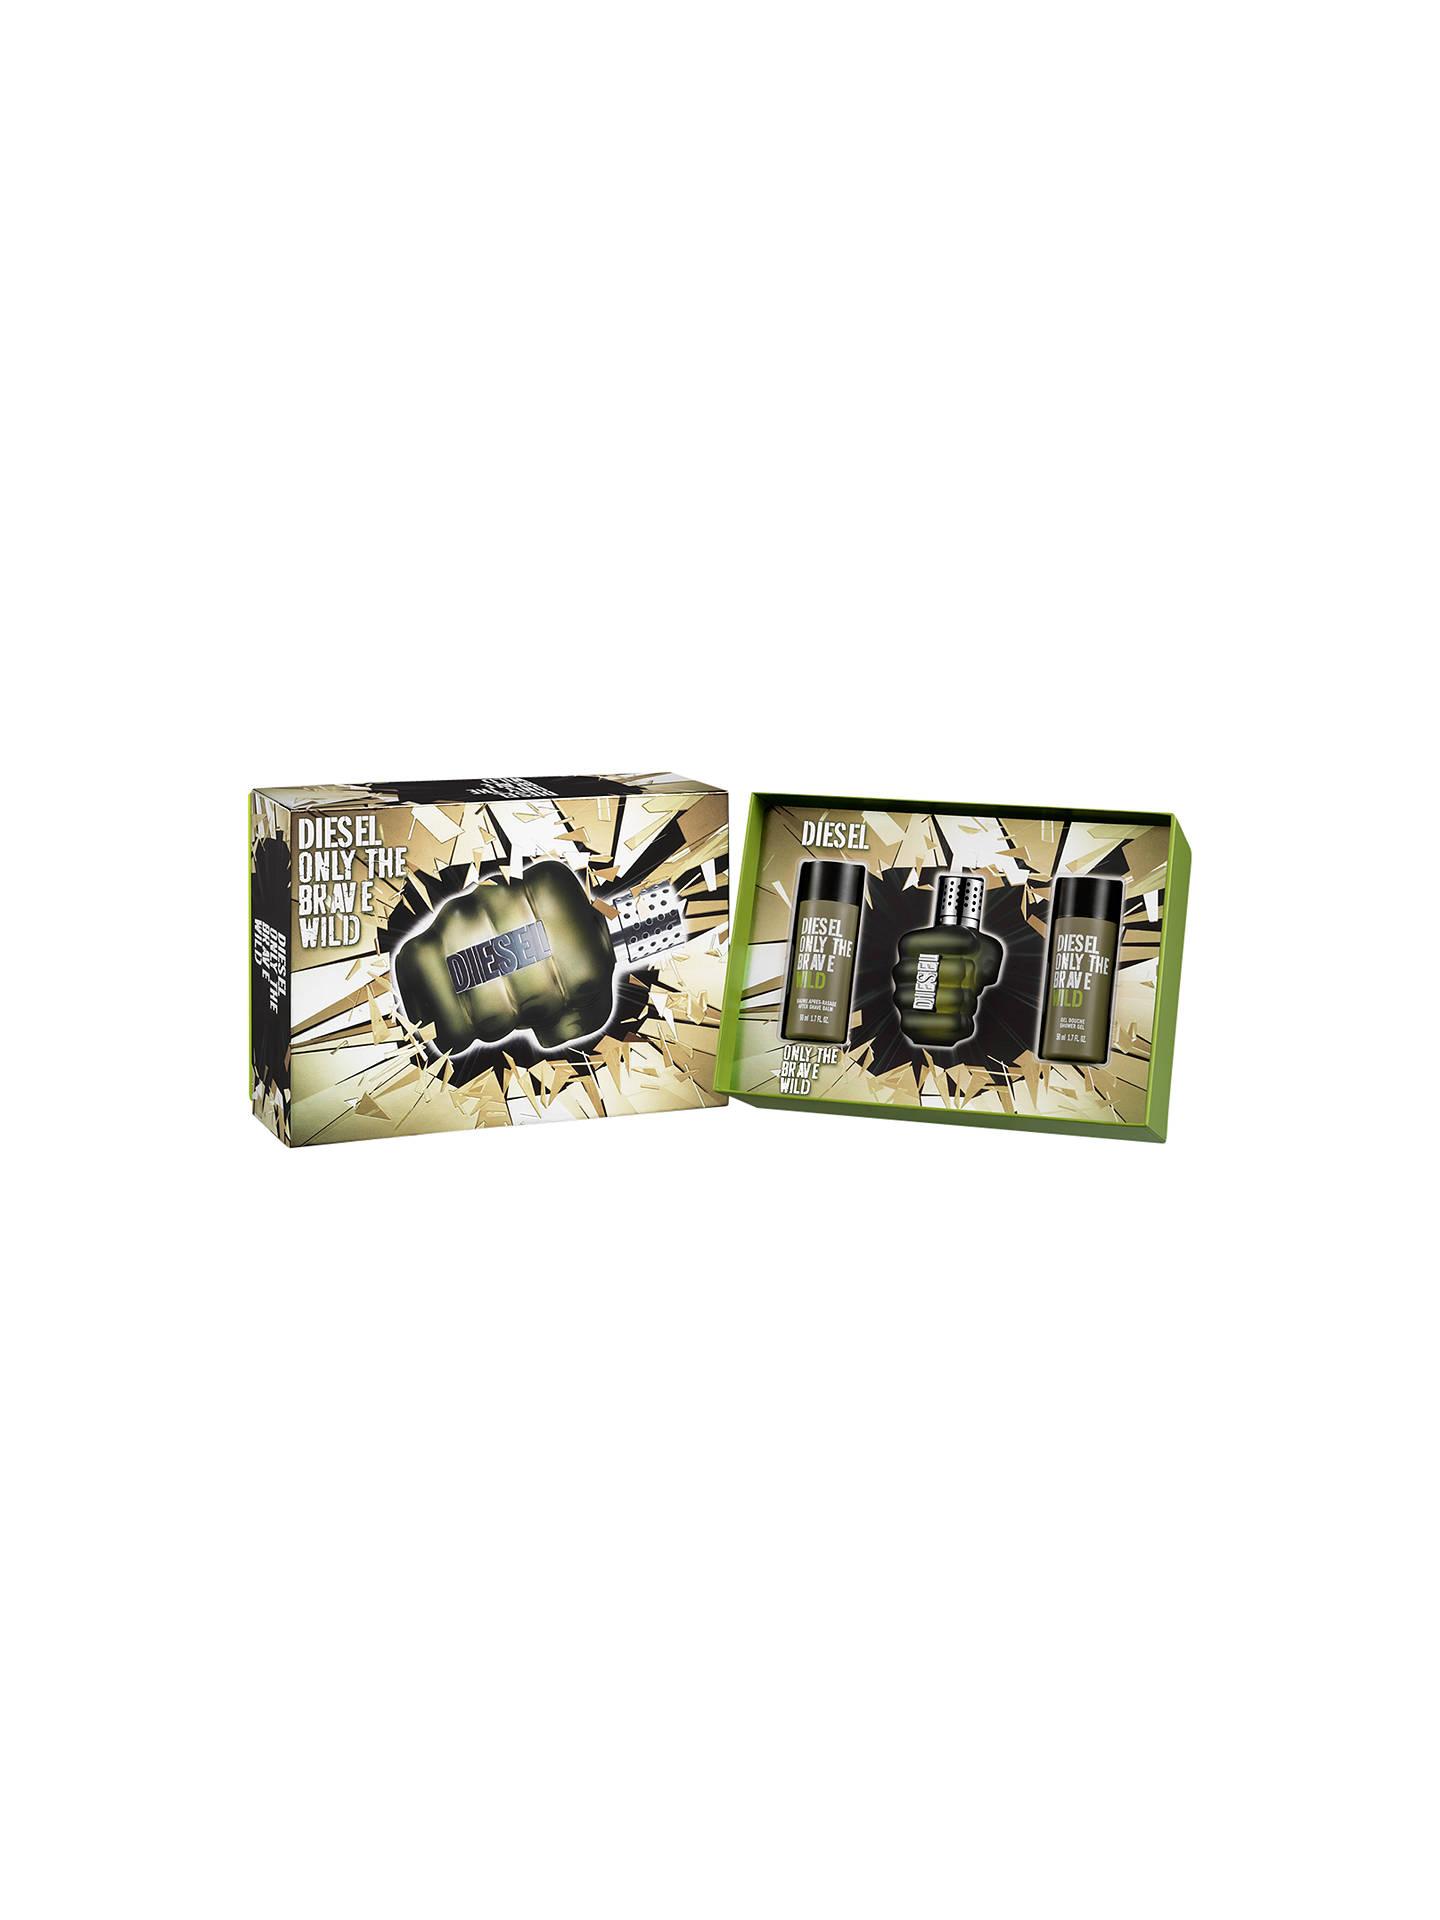 Diesel Only The Brave Wild Eau De Toilette Gift Set 3 X 50ml At